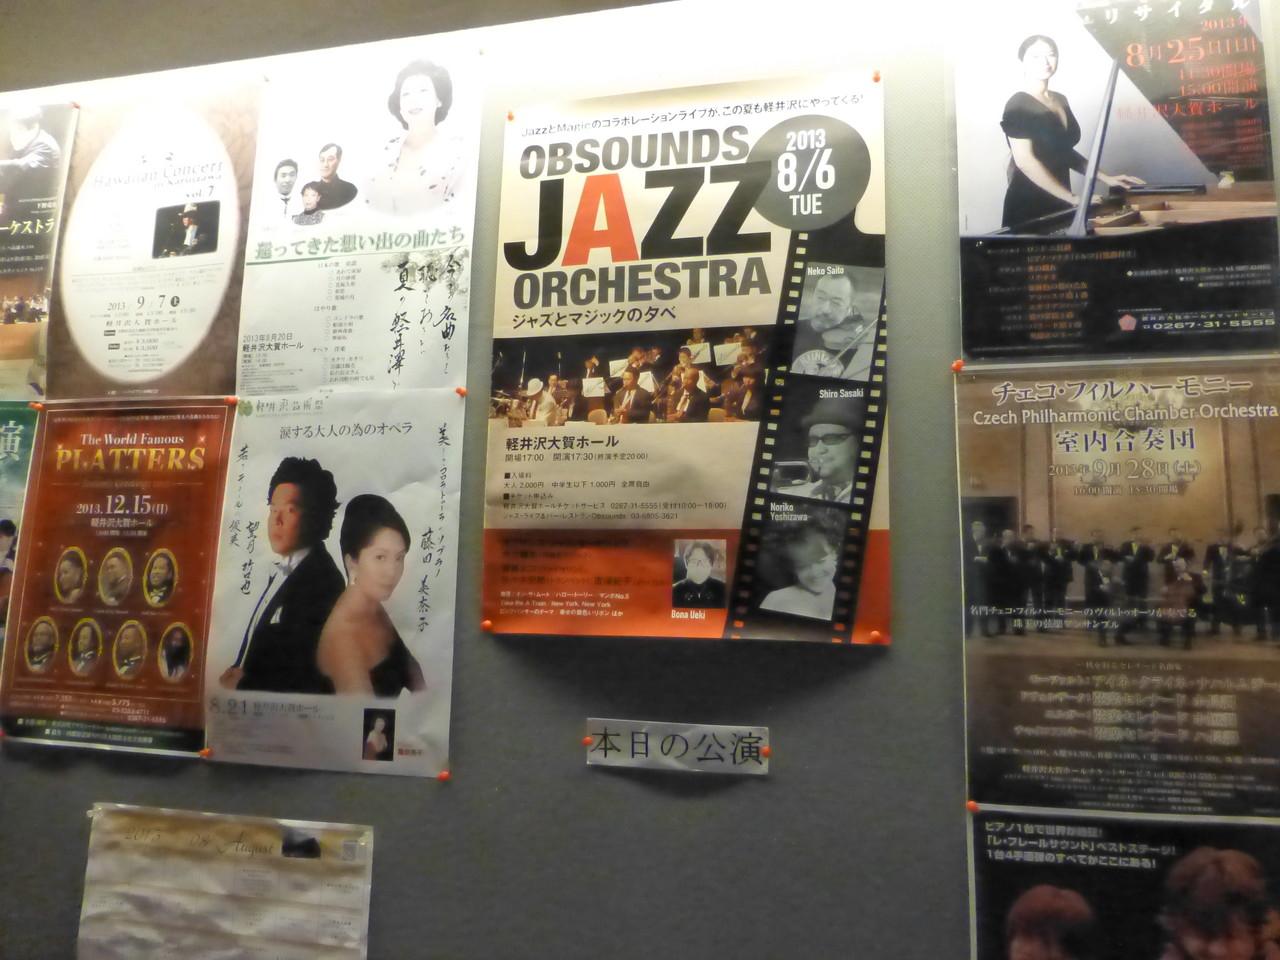 かっこいいポスターは、片山裕子さんの作品。